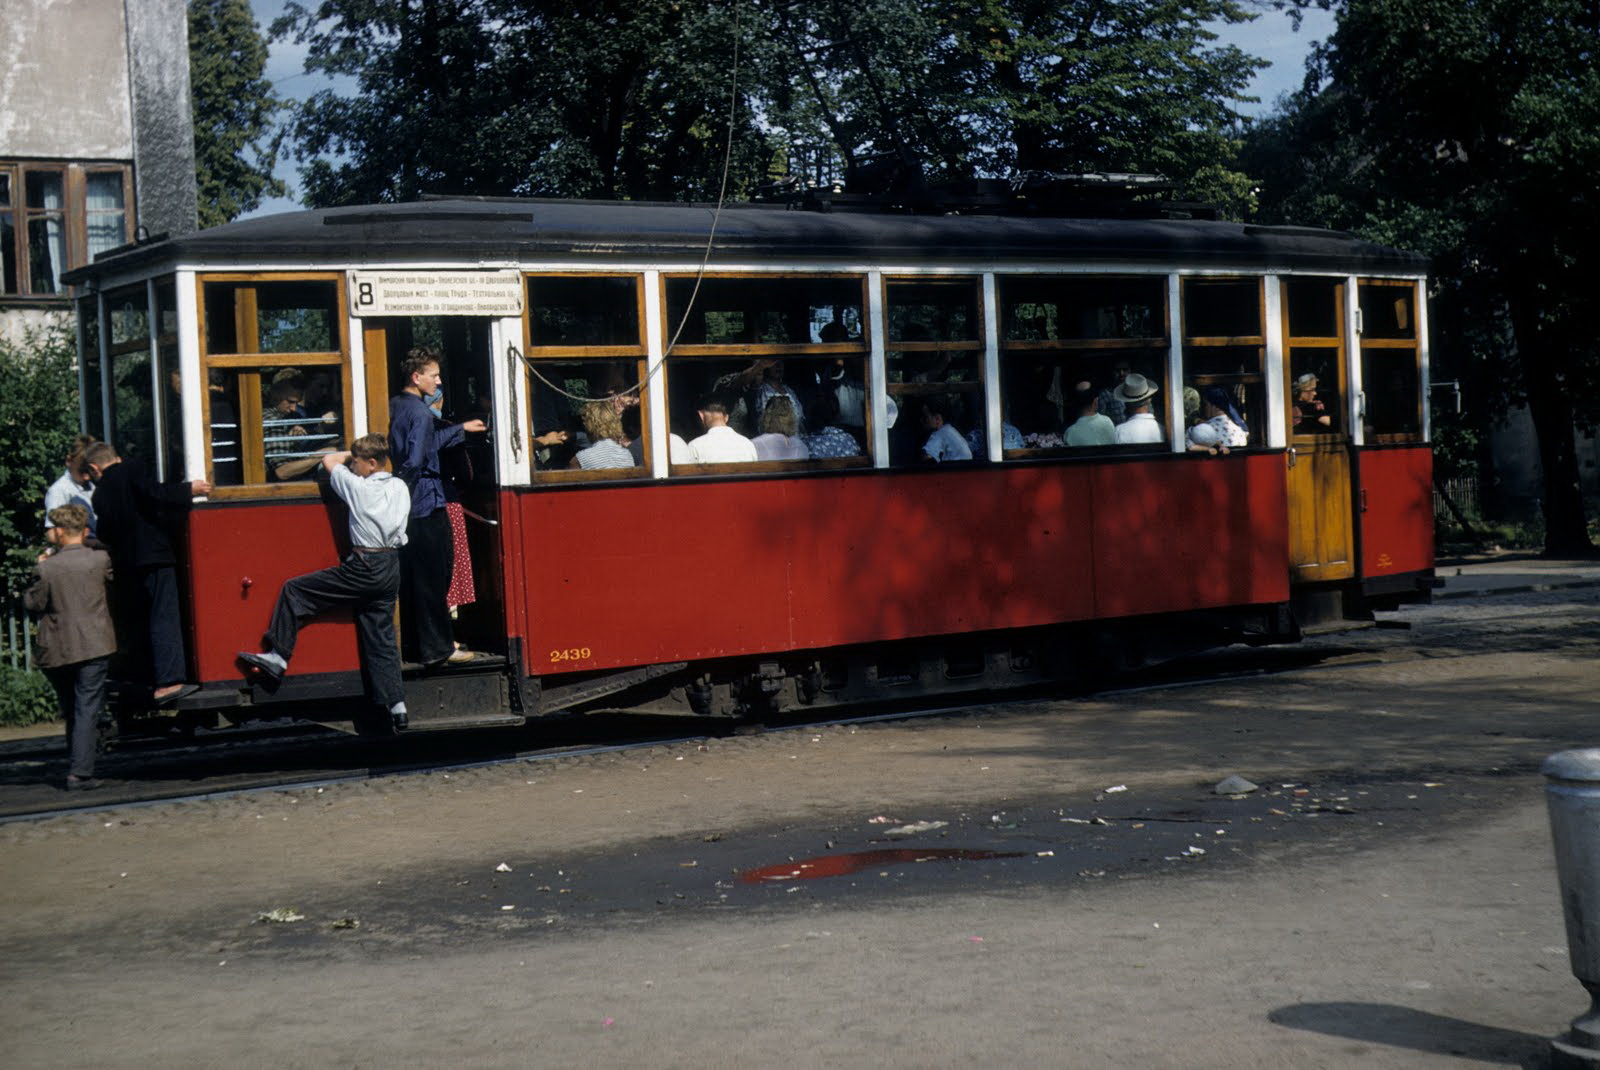 1958 Ленинградский трамвай. John Shultz